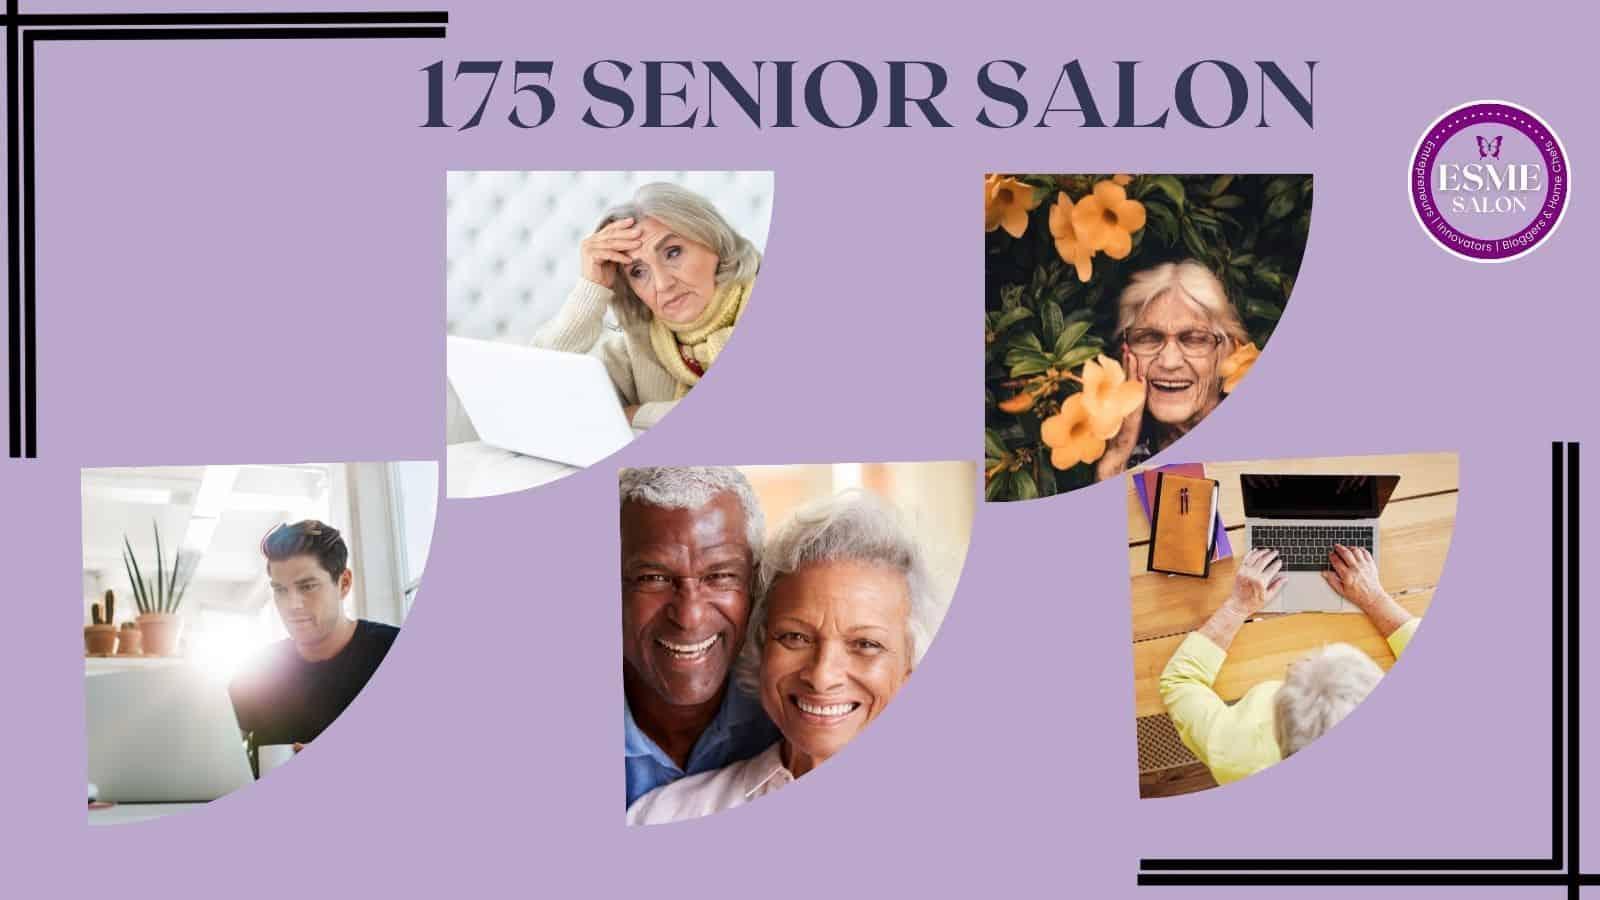 5 sets of seniors at work